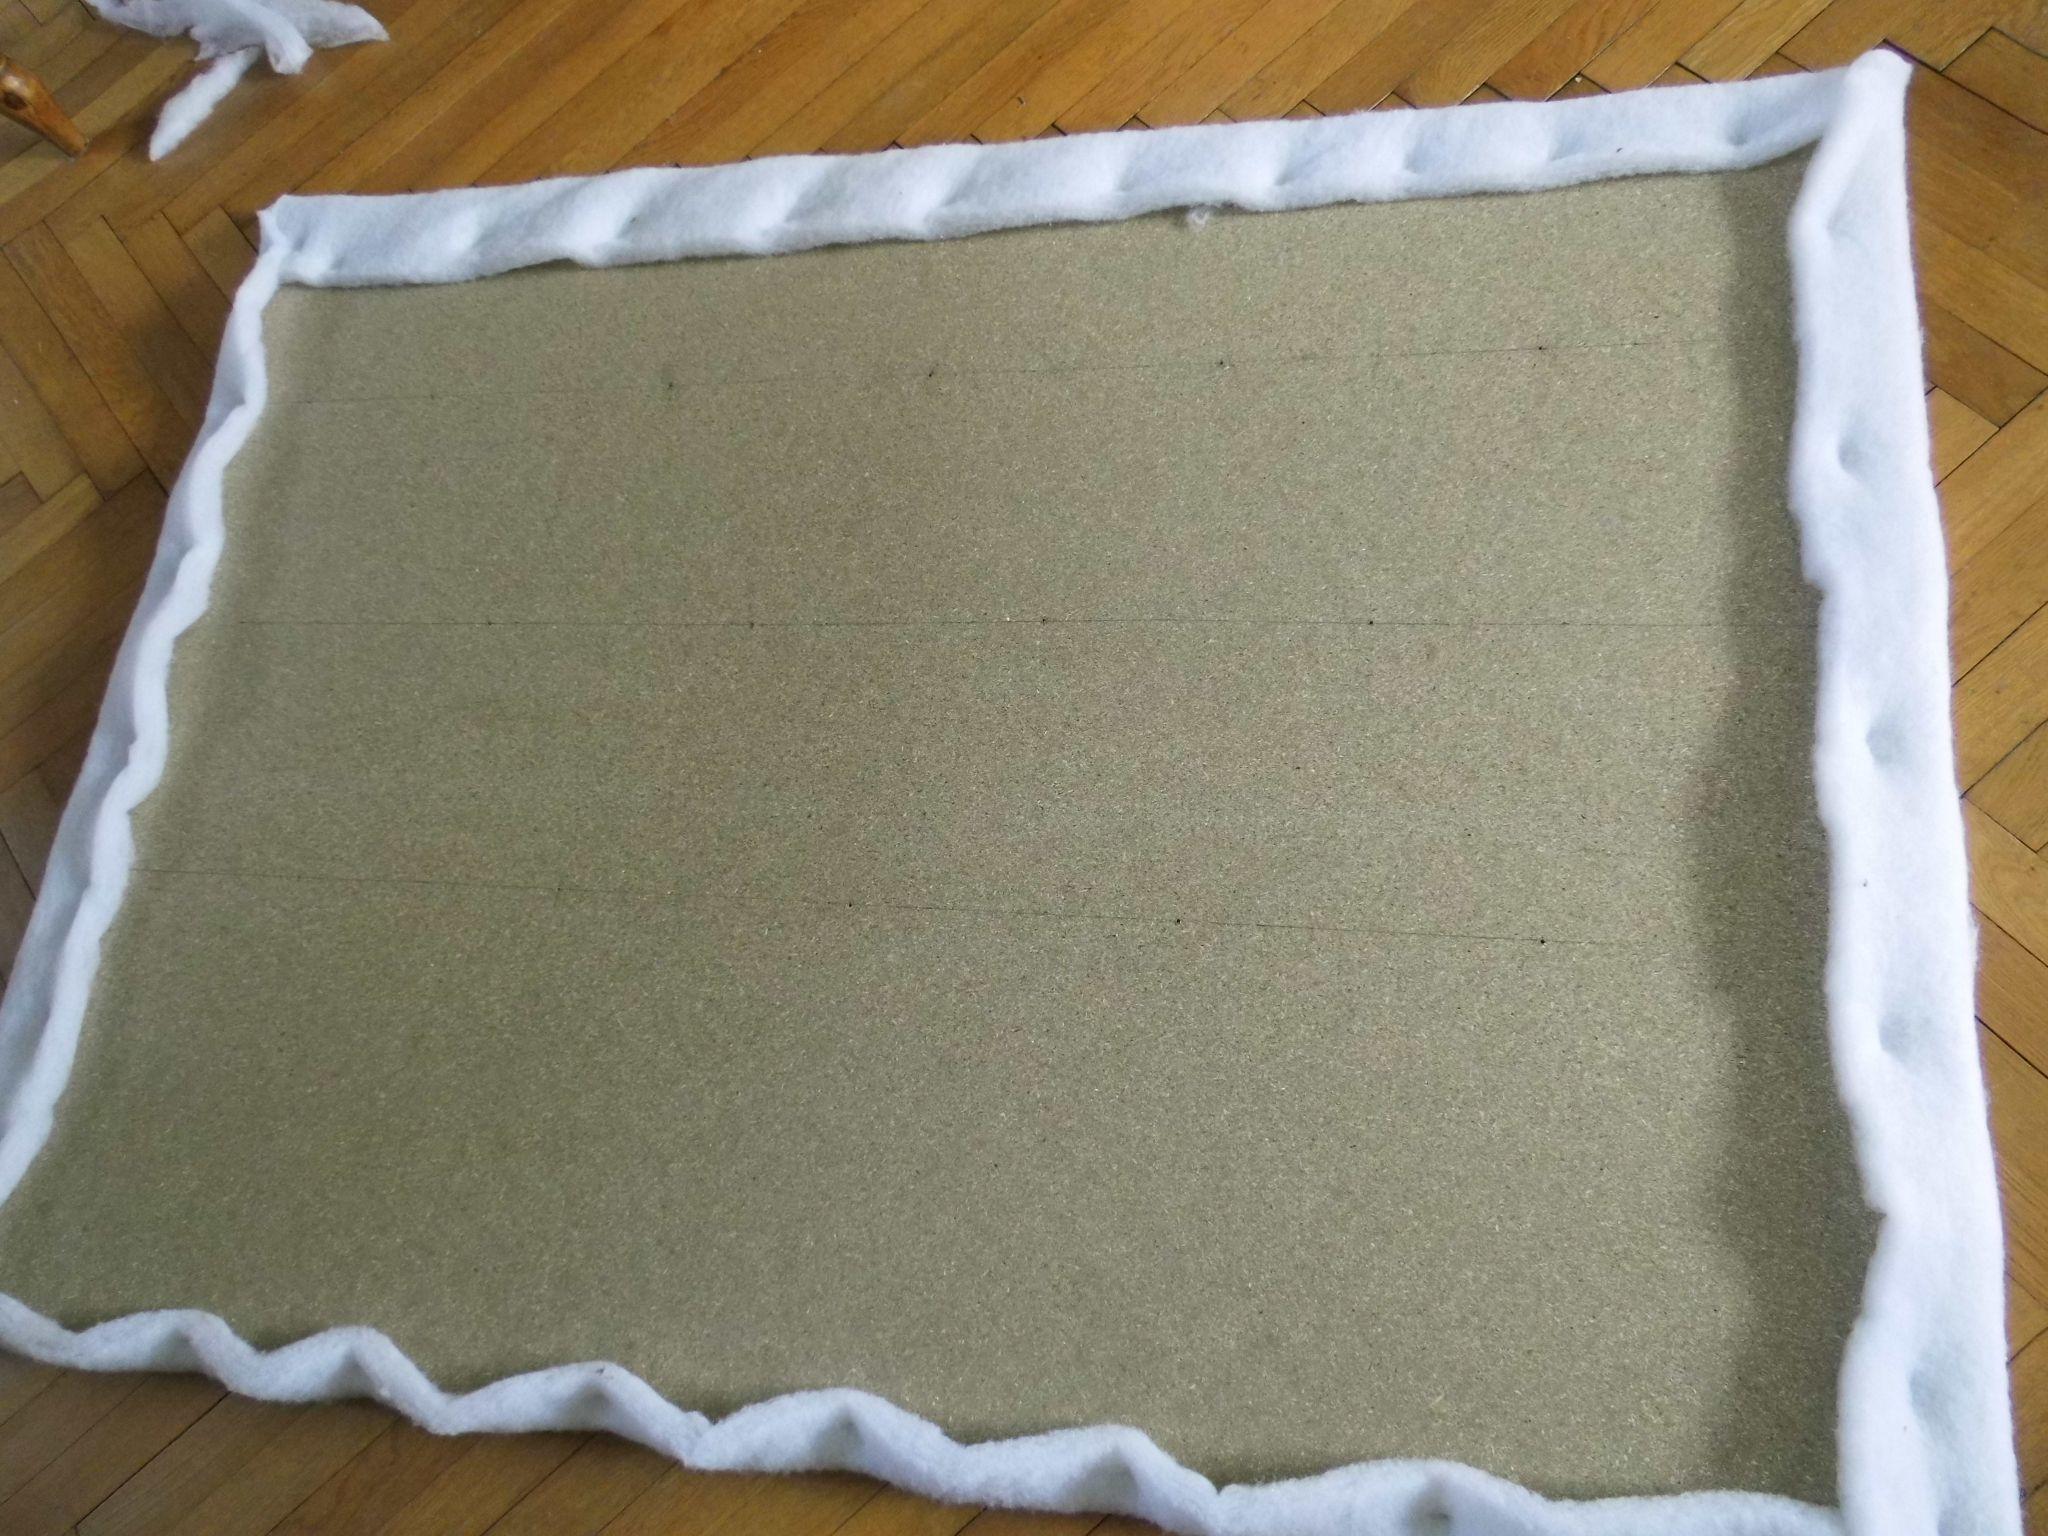 fabriquer tete lit tissu mettre couette fine pr molleton ideas para bedroom decor - Fabriquer Une Tete De Lit